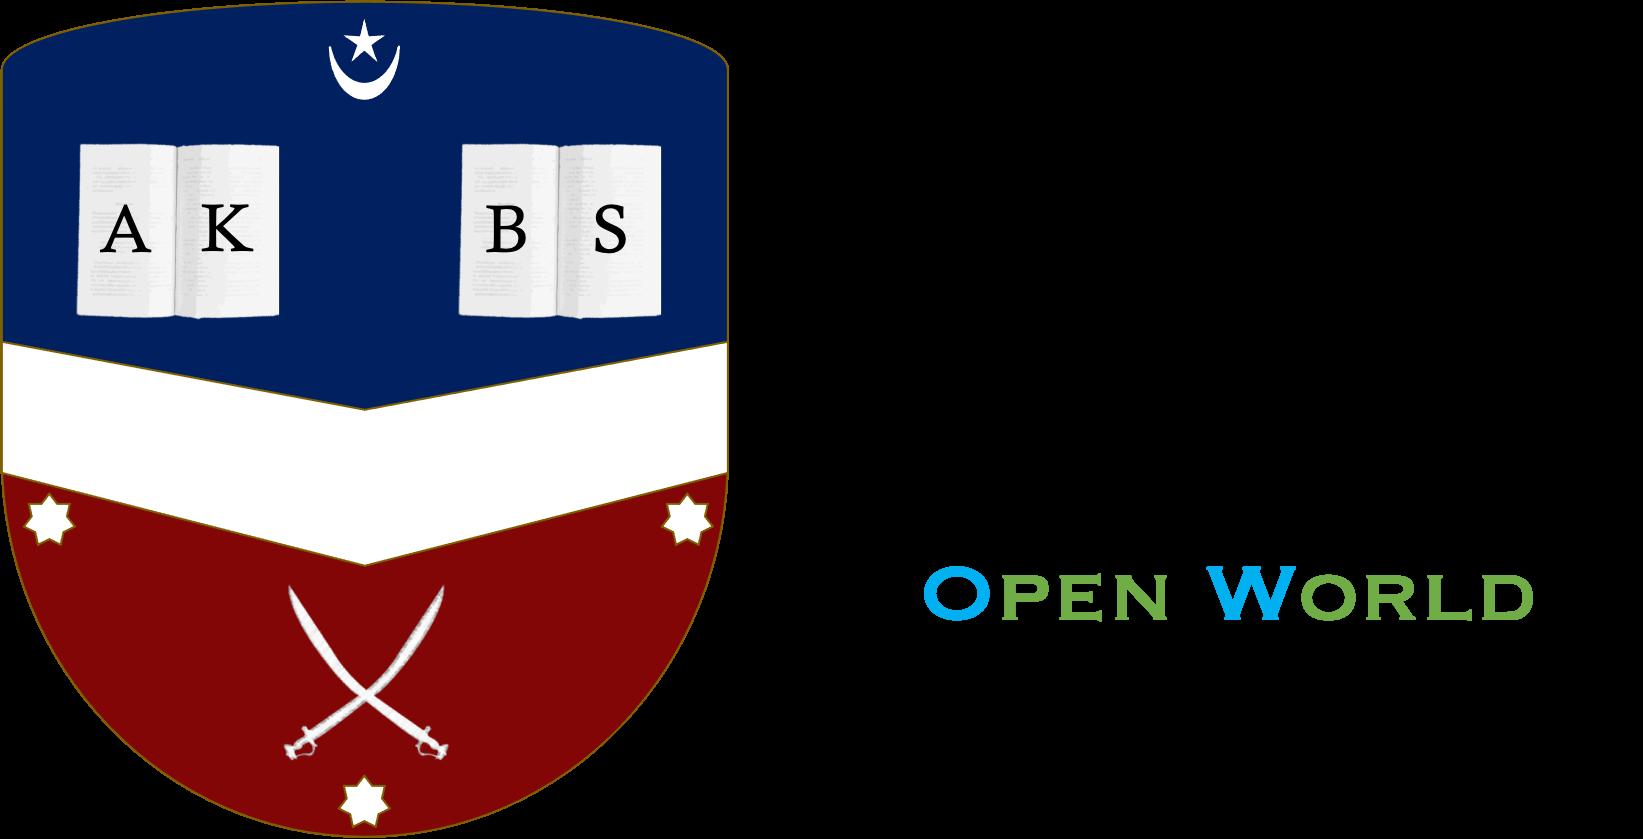 Al-Khalifa business School. Open World